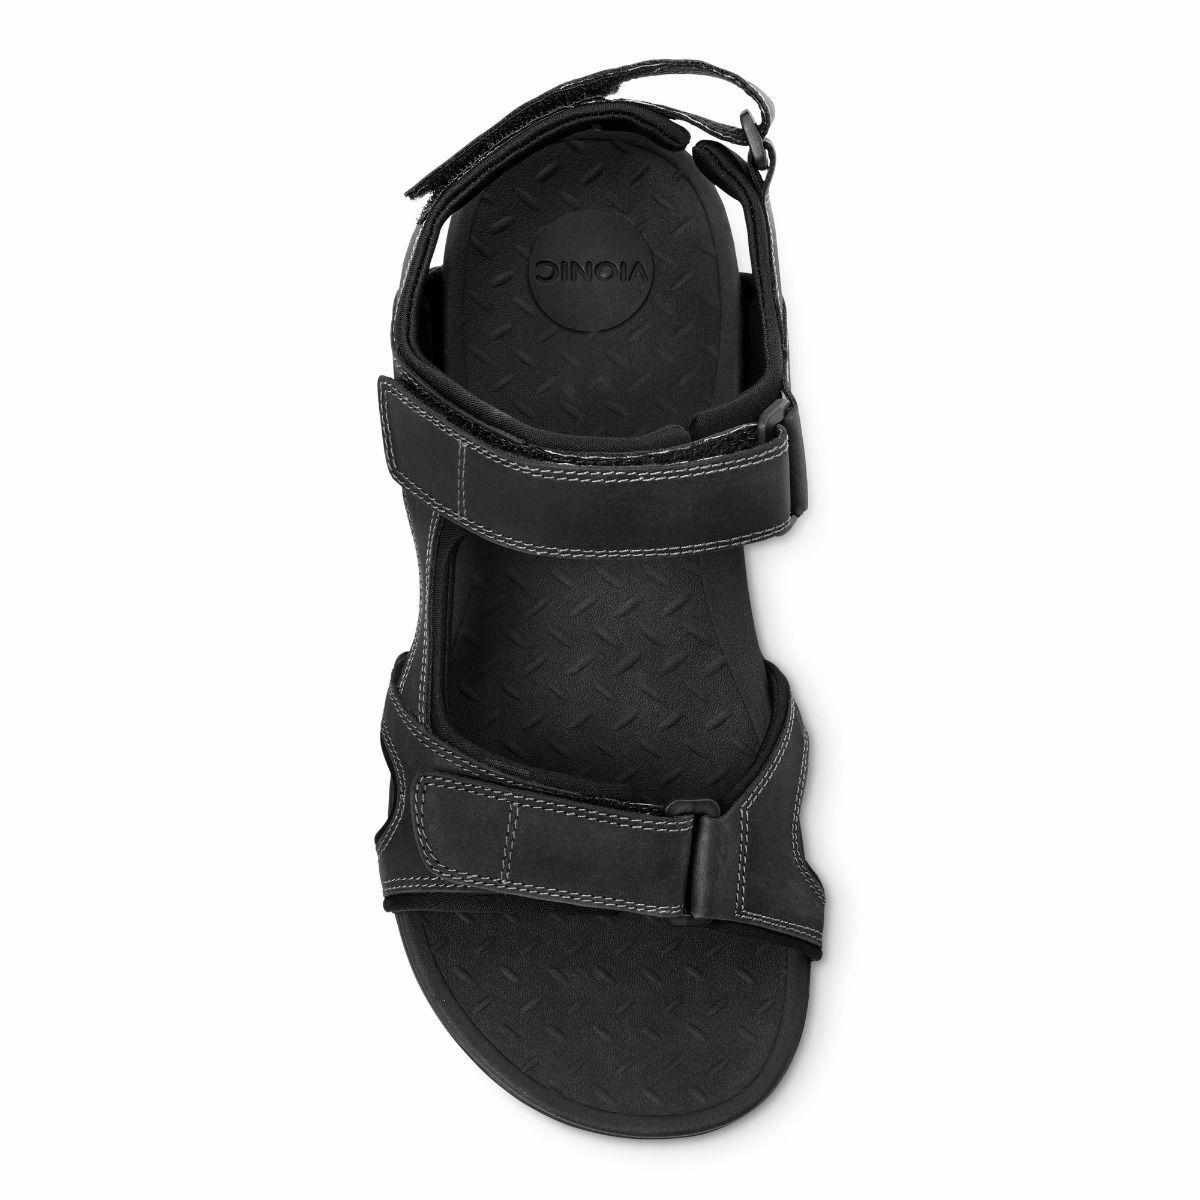 b07b6da9fb4d ... Vionic Orthotic Mens Gerrit Gerrit Gerrit Adjustable Sandal - Black  6cfa11 ...